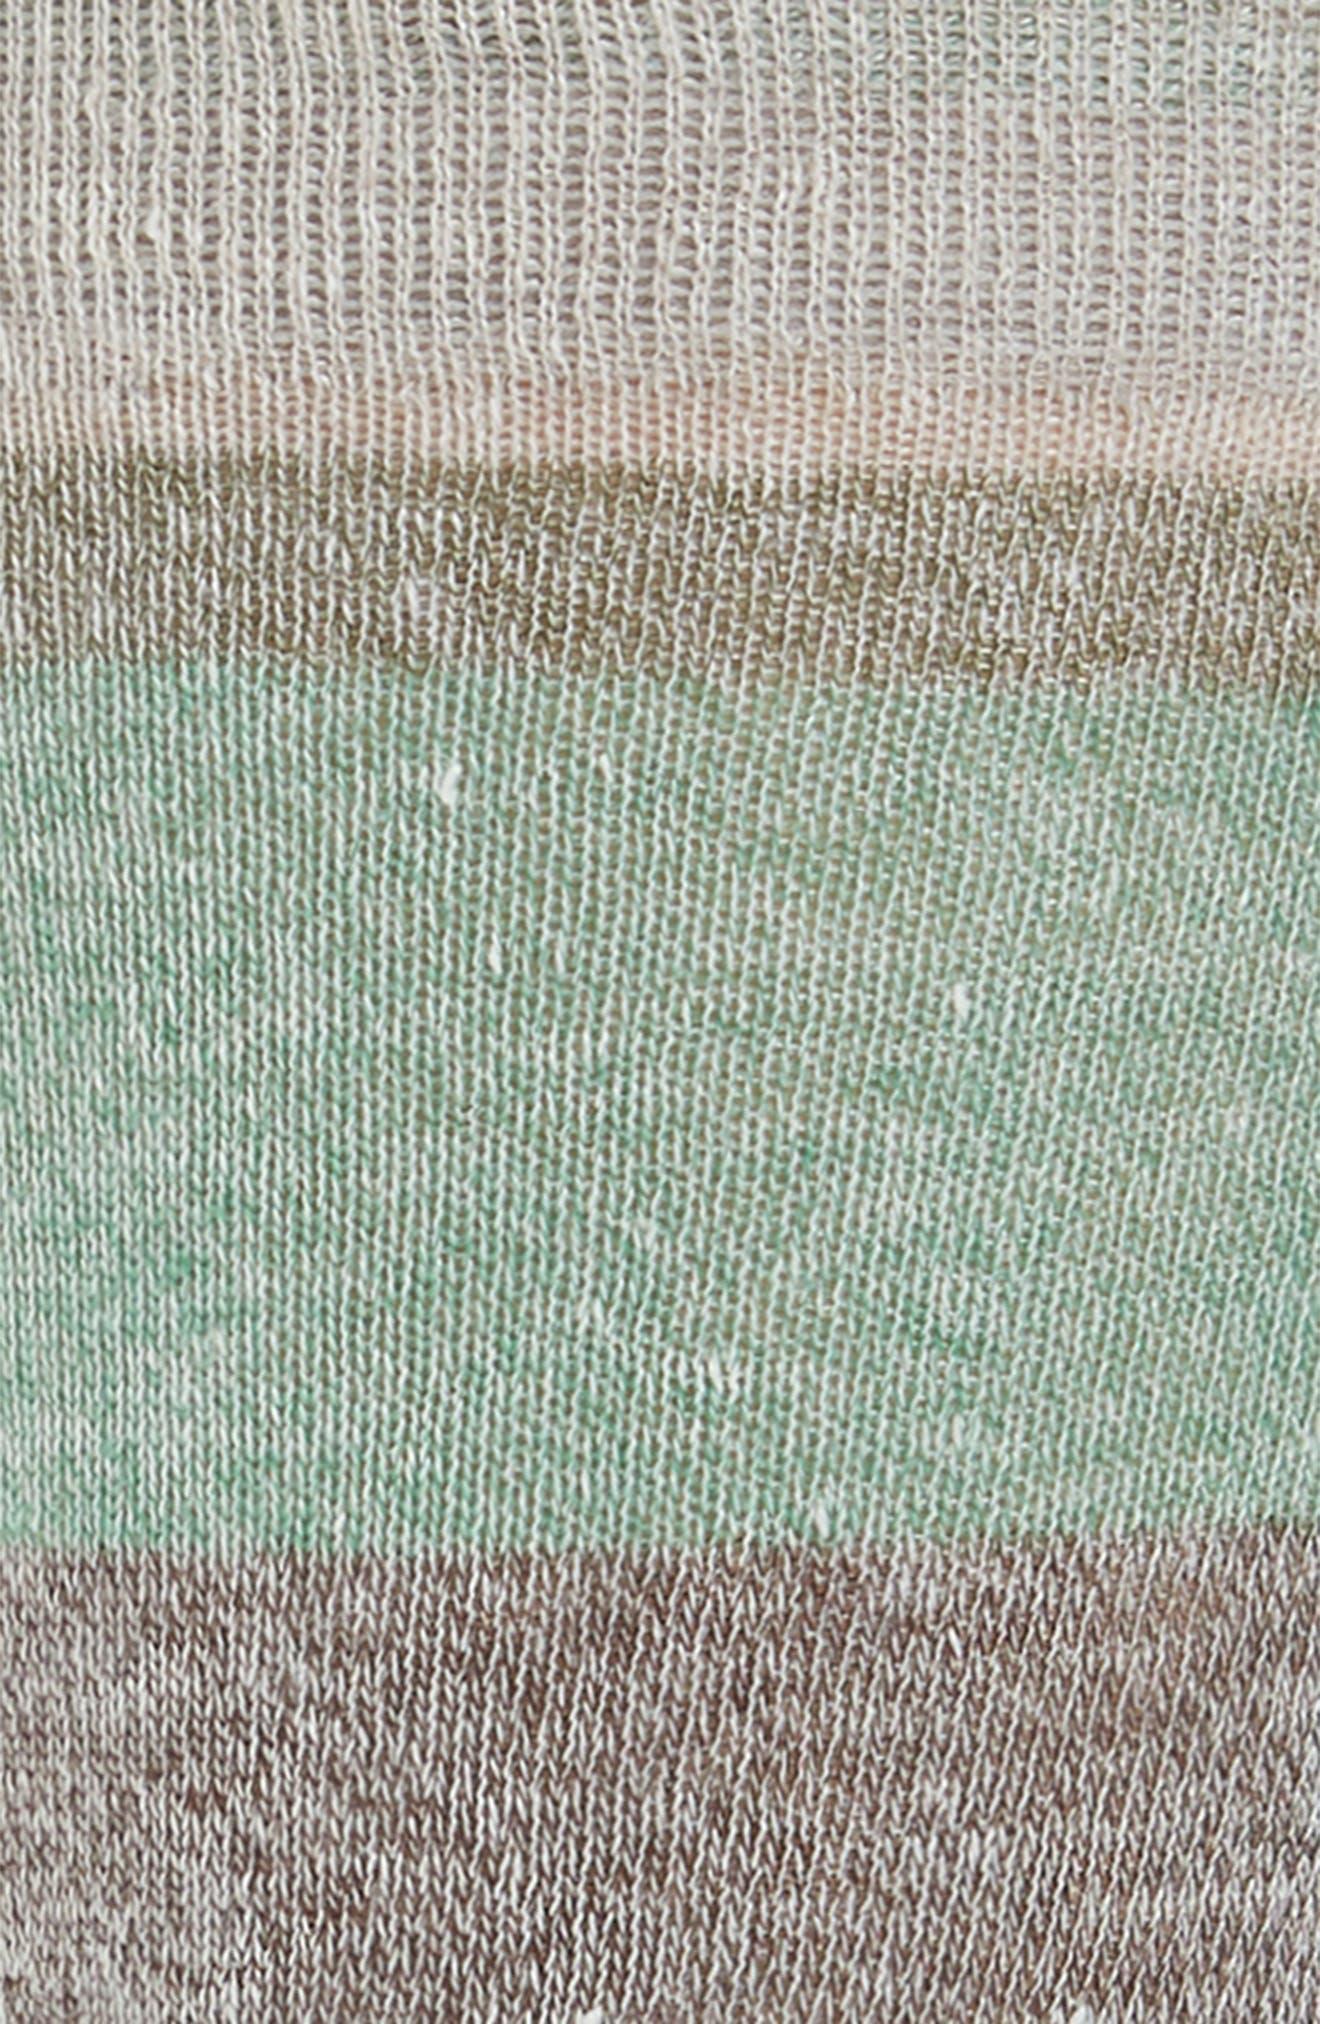 Multistripe Crew Socks,                             Alternate thumbnail 2, color,                             Sand